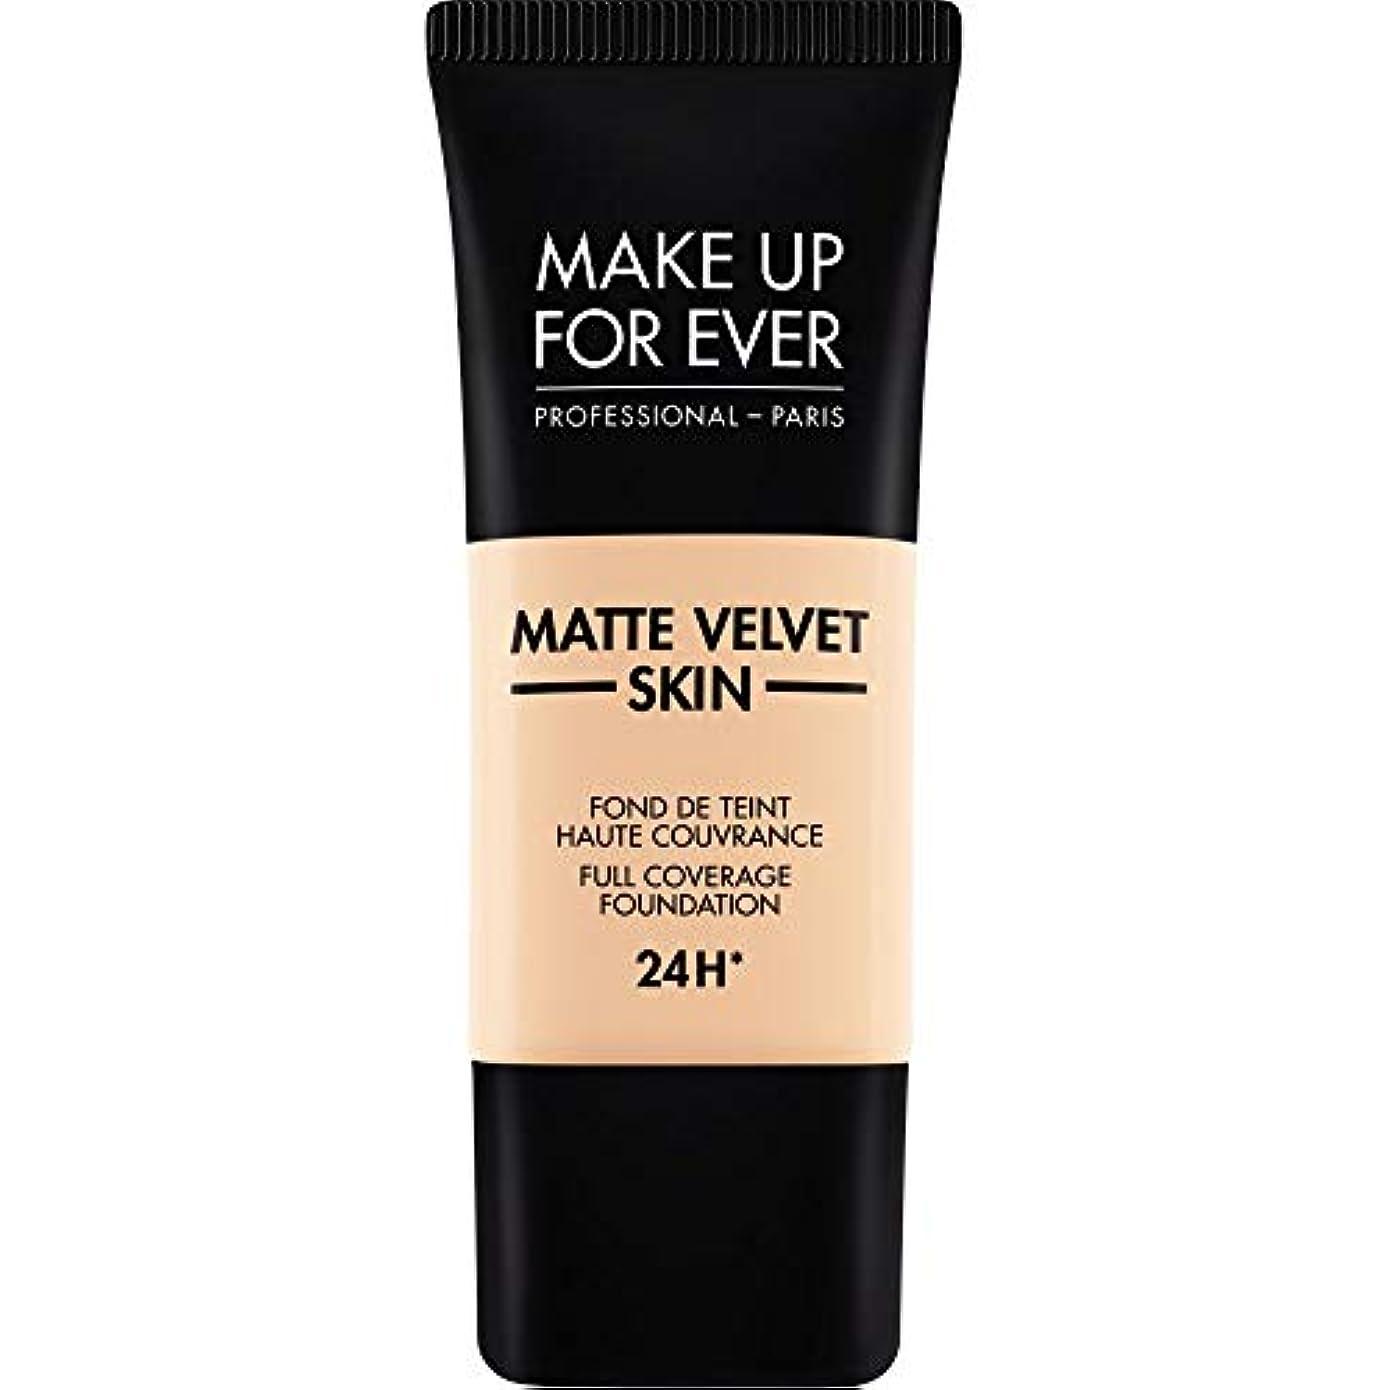 つぶやき計画複雑でない[MAKE UP FOR EVER] これまでマットベルベットの皮膚のフルカバレッジ基礎30ミリリットルのR230を補う - アイボリー - MAKE UP FOR EVER Matte Velvet Skin Full...